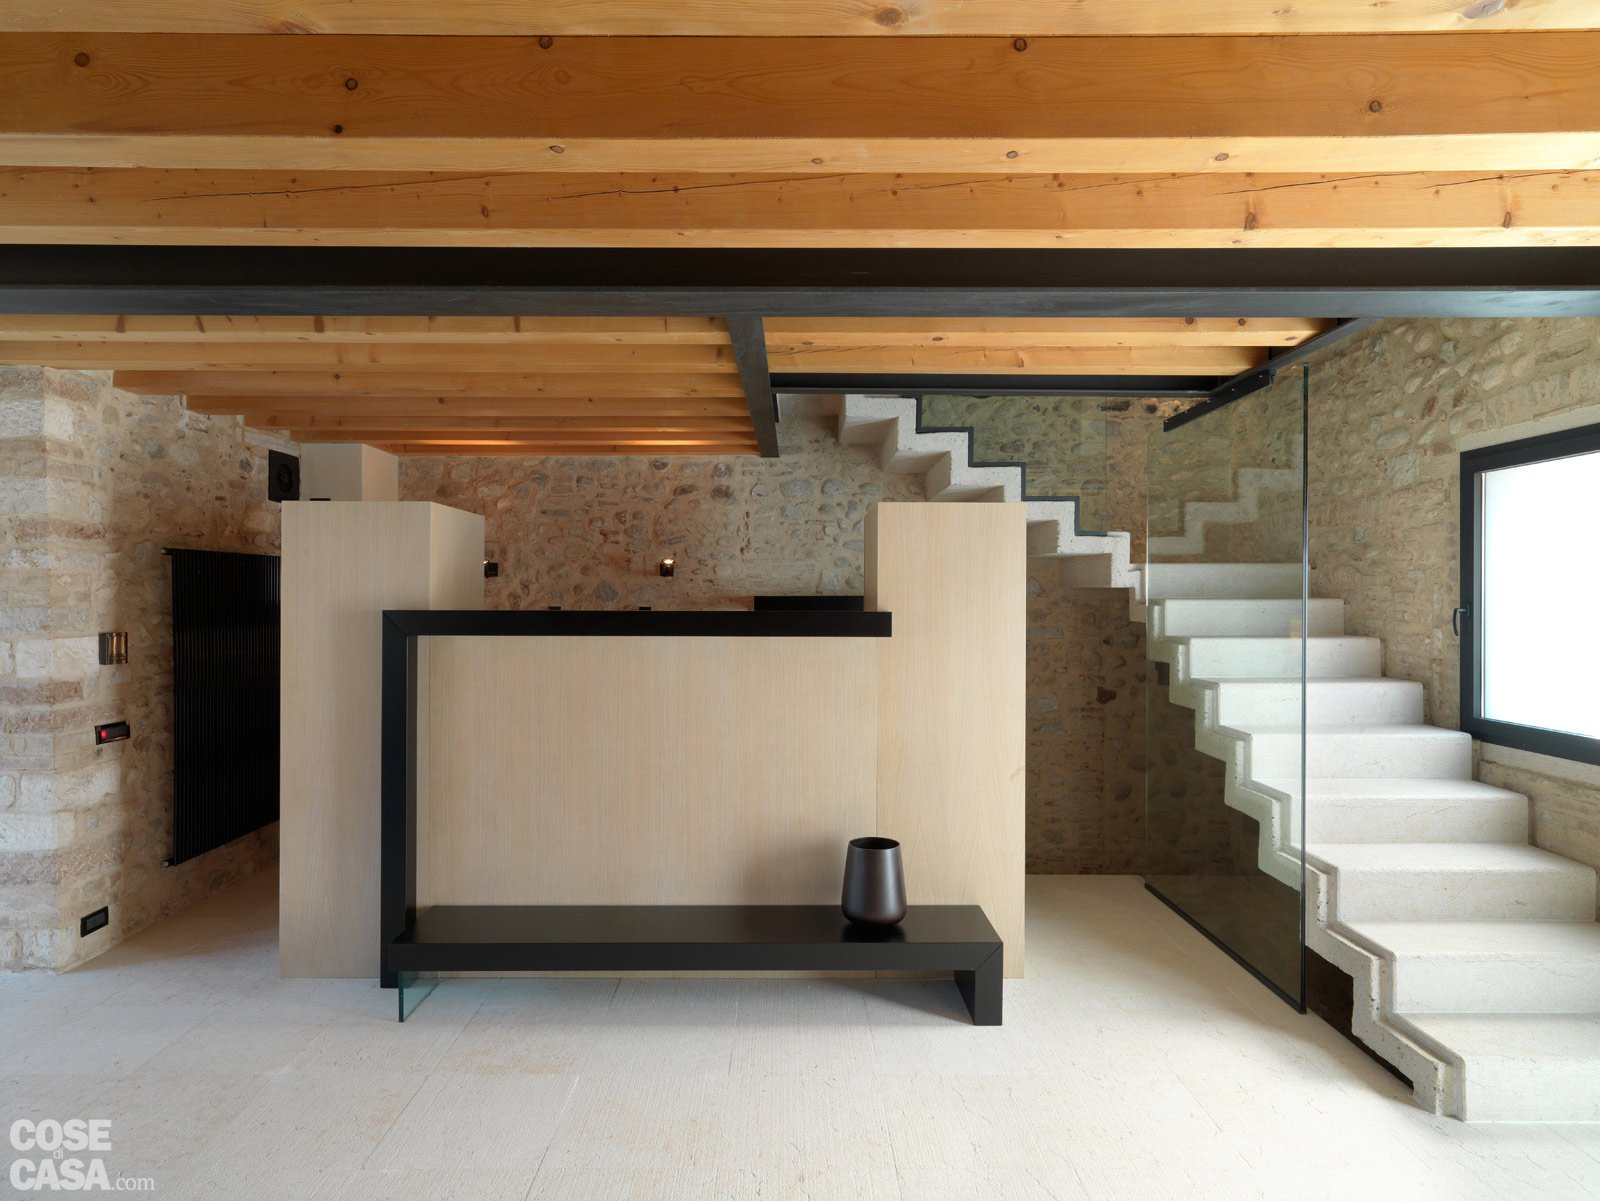 legno e pietra a vista nella casa restaurata cose di casa